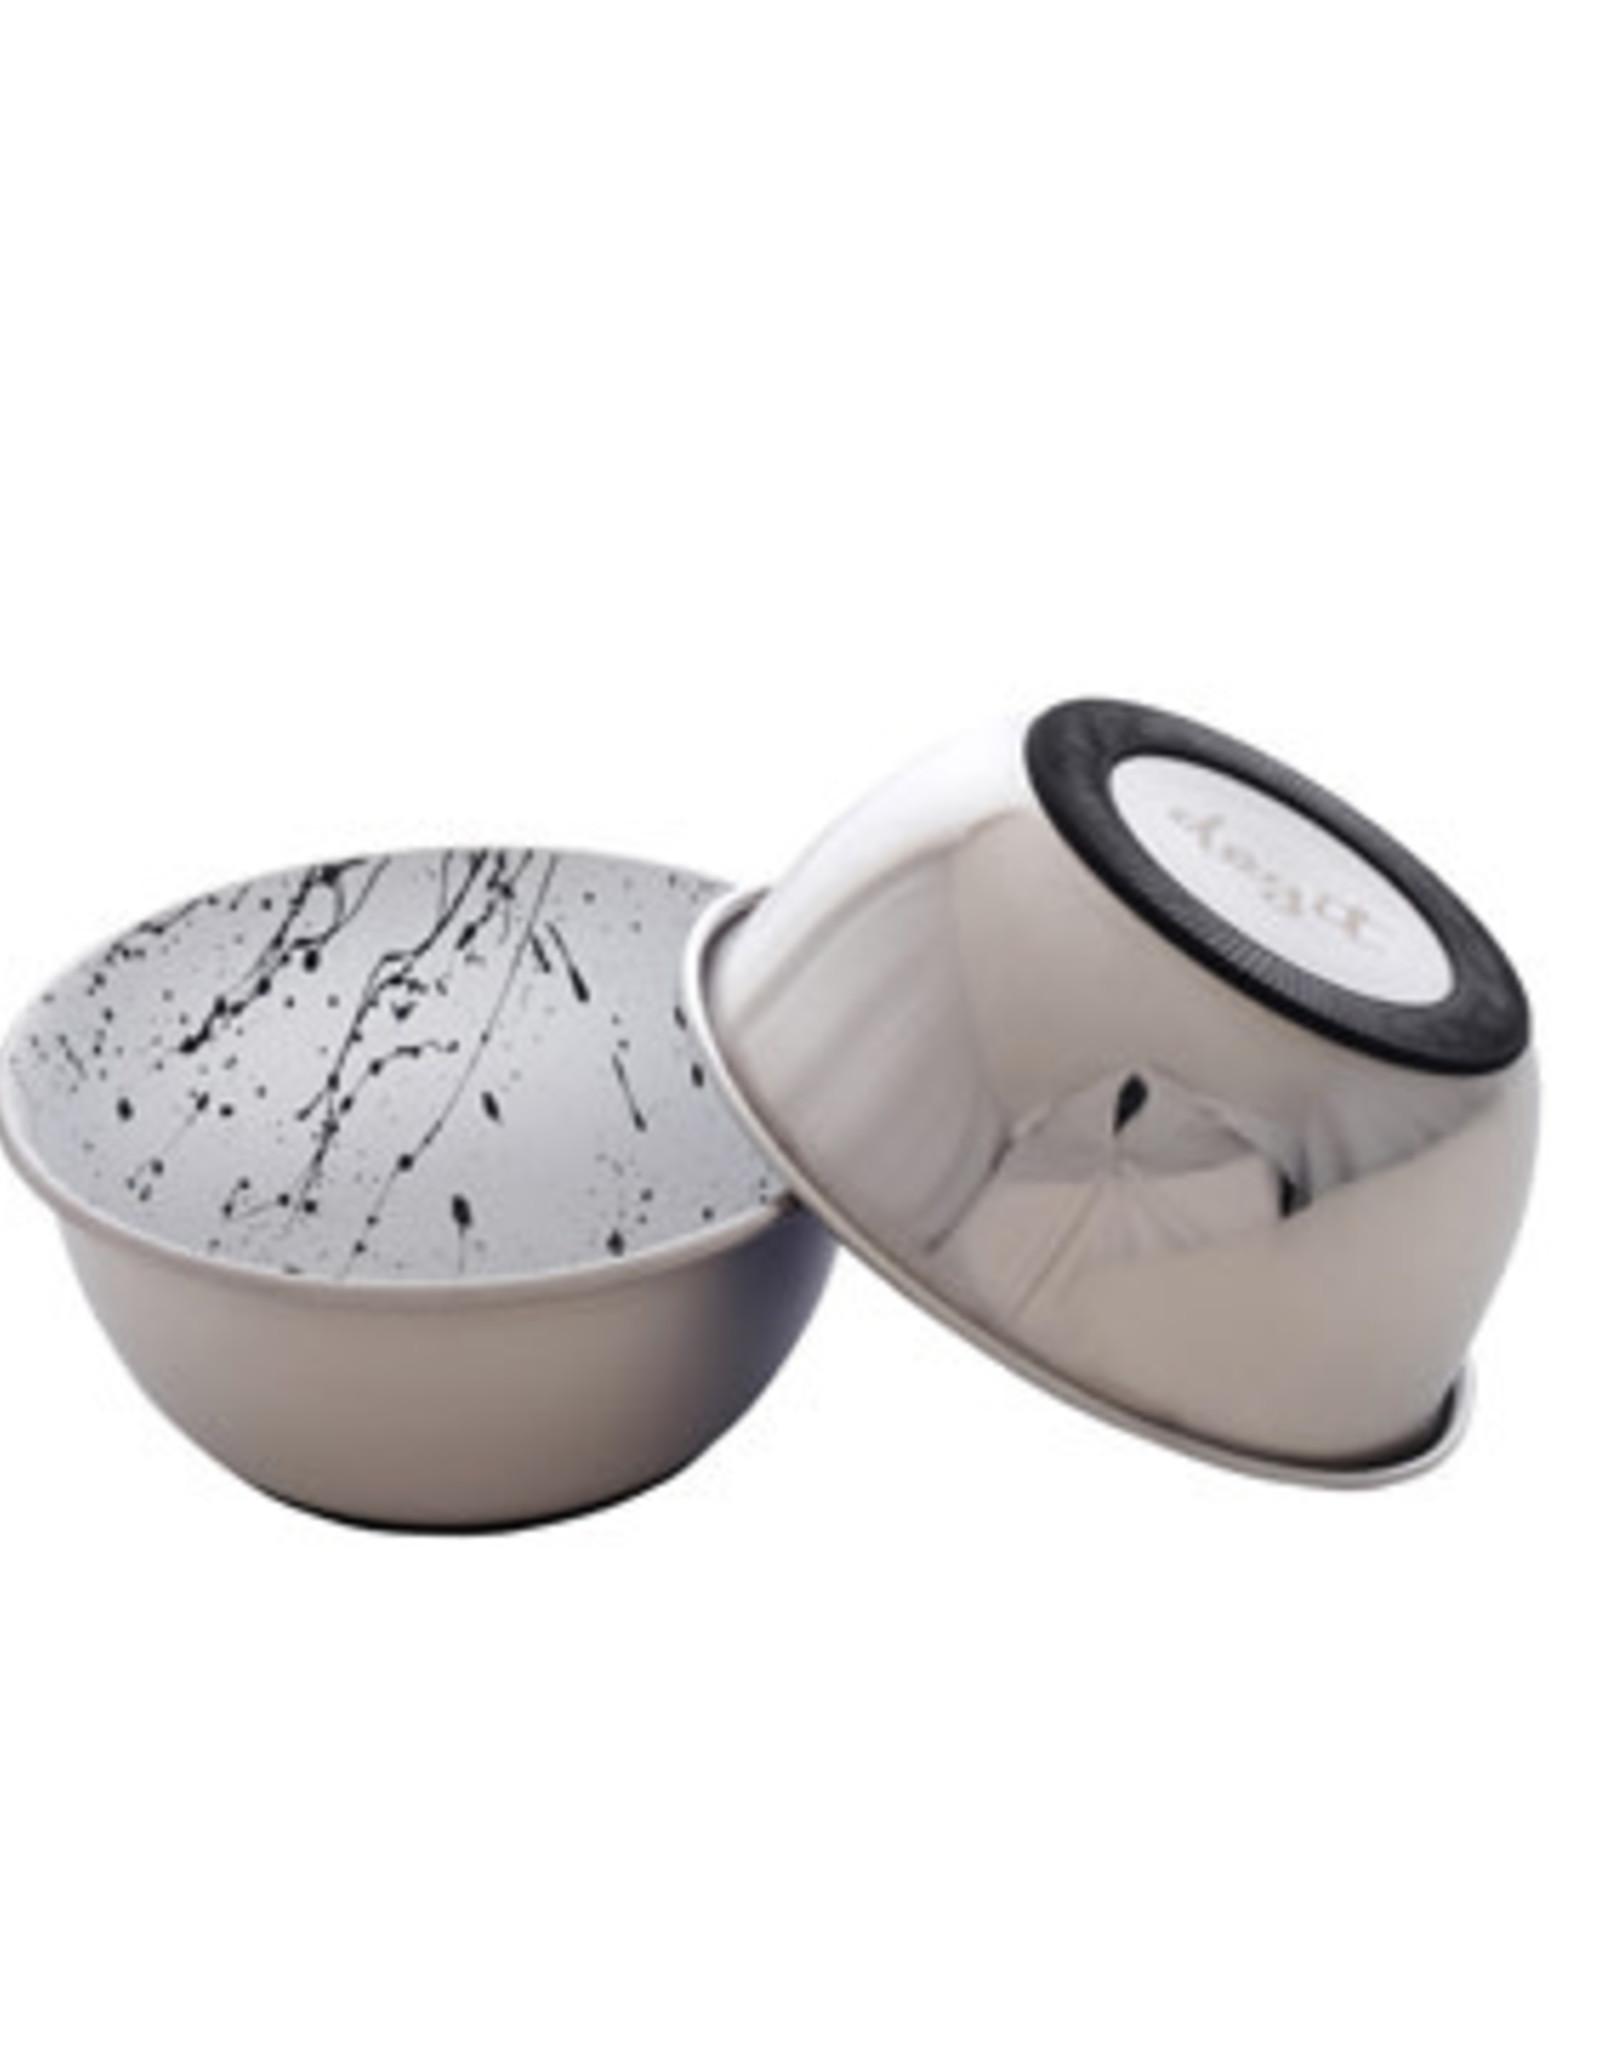 DogIt Dogit Stainless Steel Non-Skid Dog Bowl - Black & White Splash - 500 ml (17 fl.oz.)